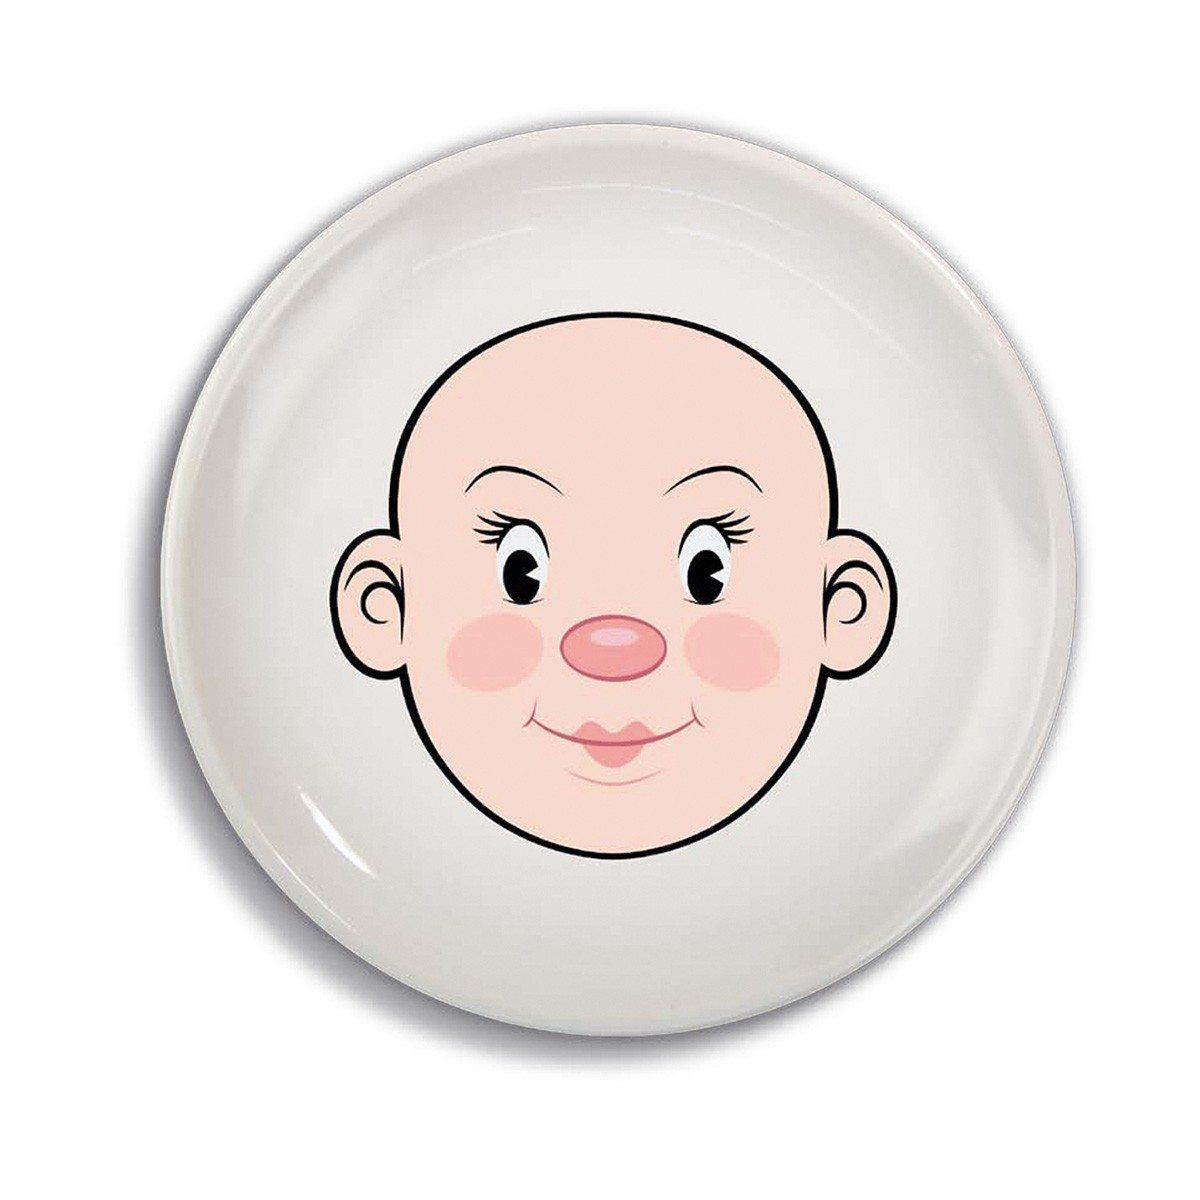 Food Face-tallerken